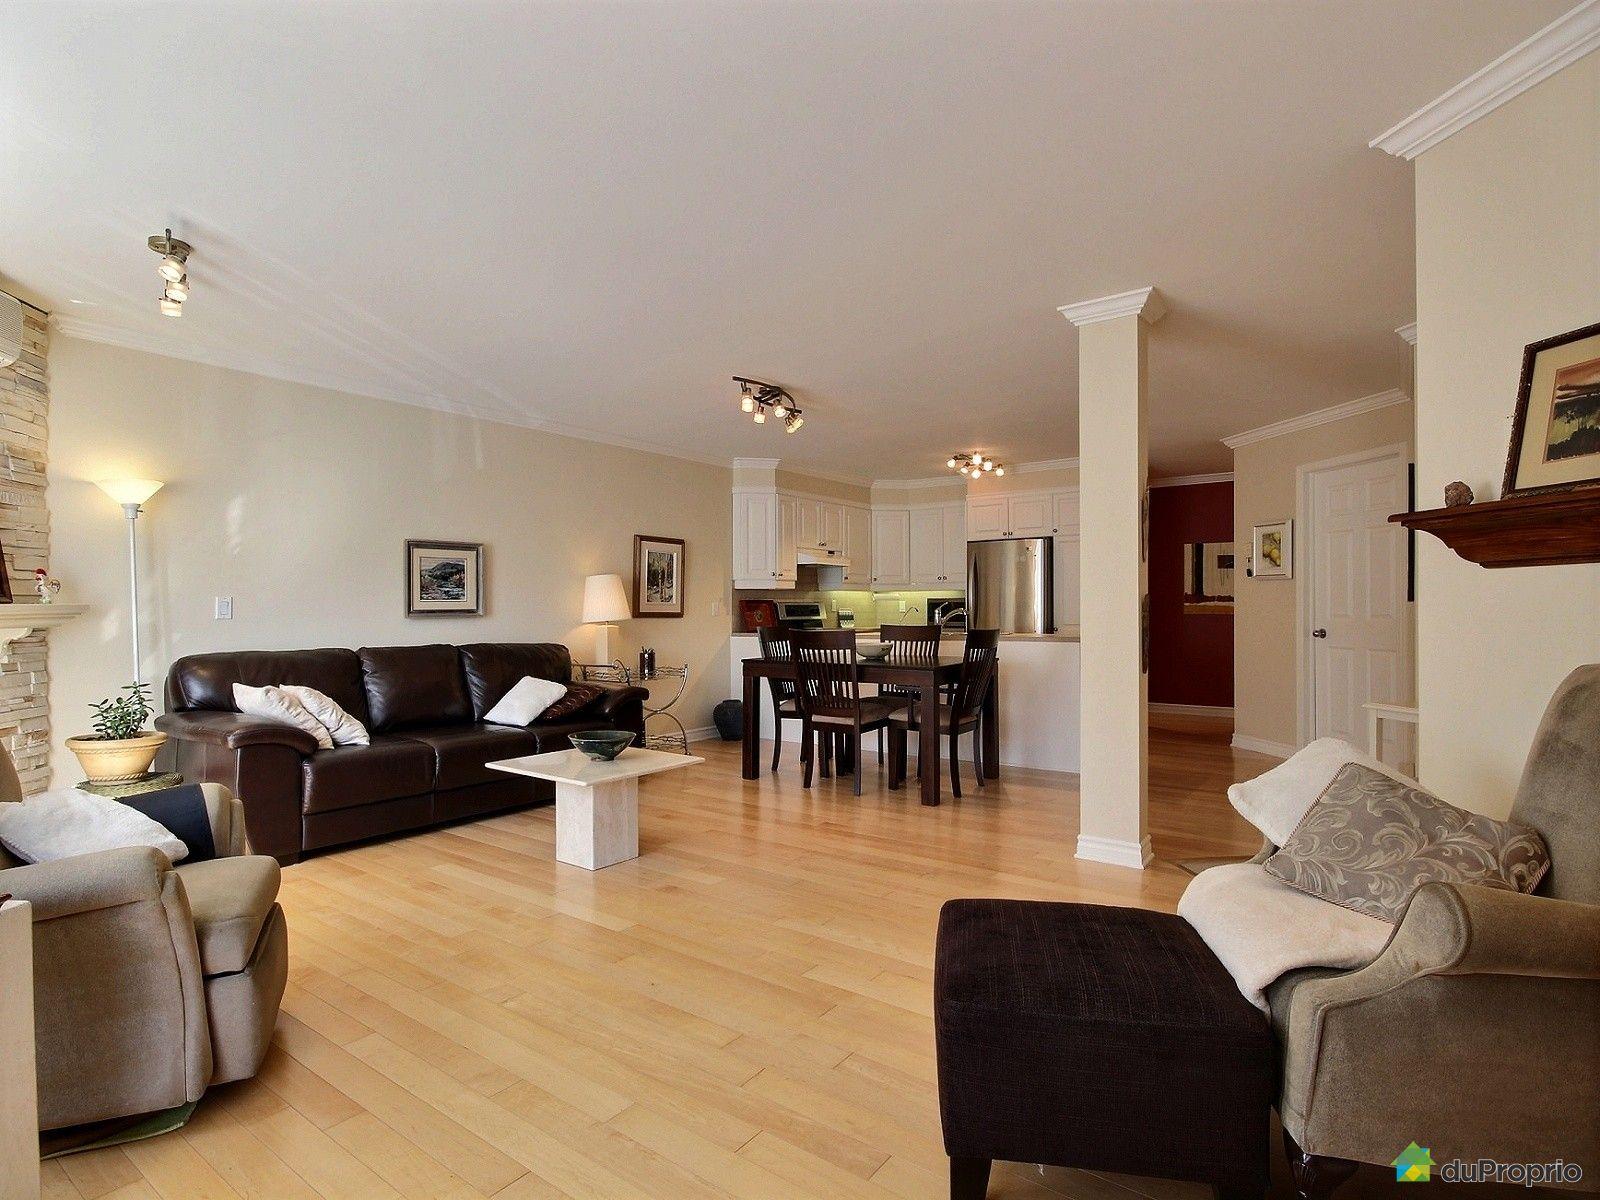 Maison vendre montr al 481 rue brault immobilier - Piscine interieure verdun montreal toulouse ...